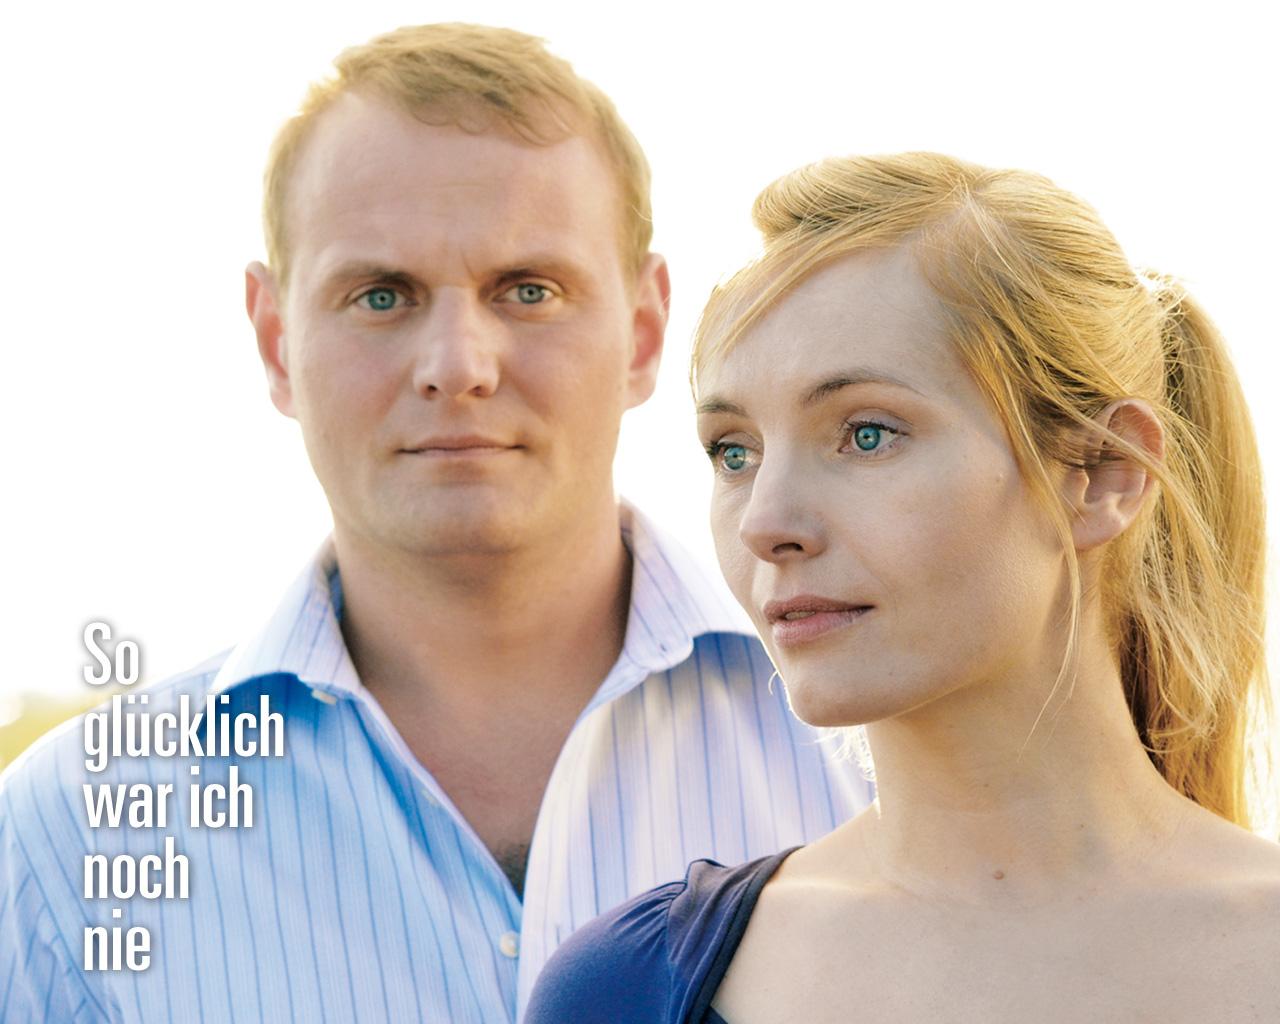 Devid Striesow und Nadja Uhl geben im Film das unsternbedrohte Liebespaar. Foto: Kinowelt